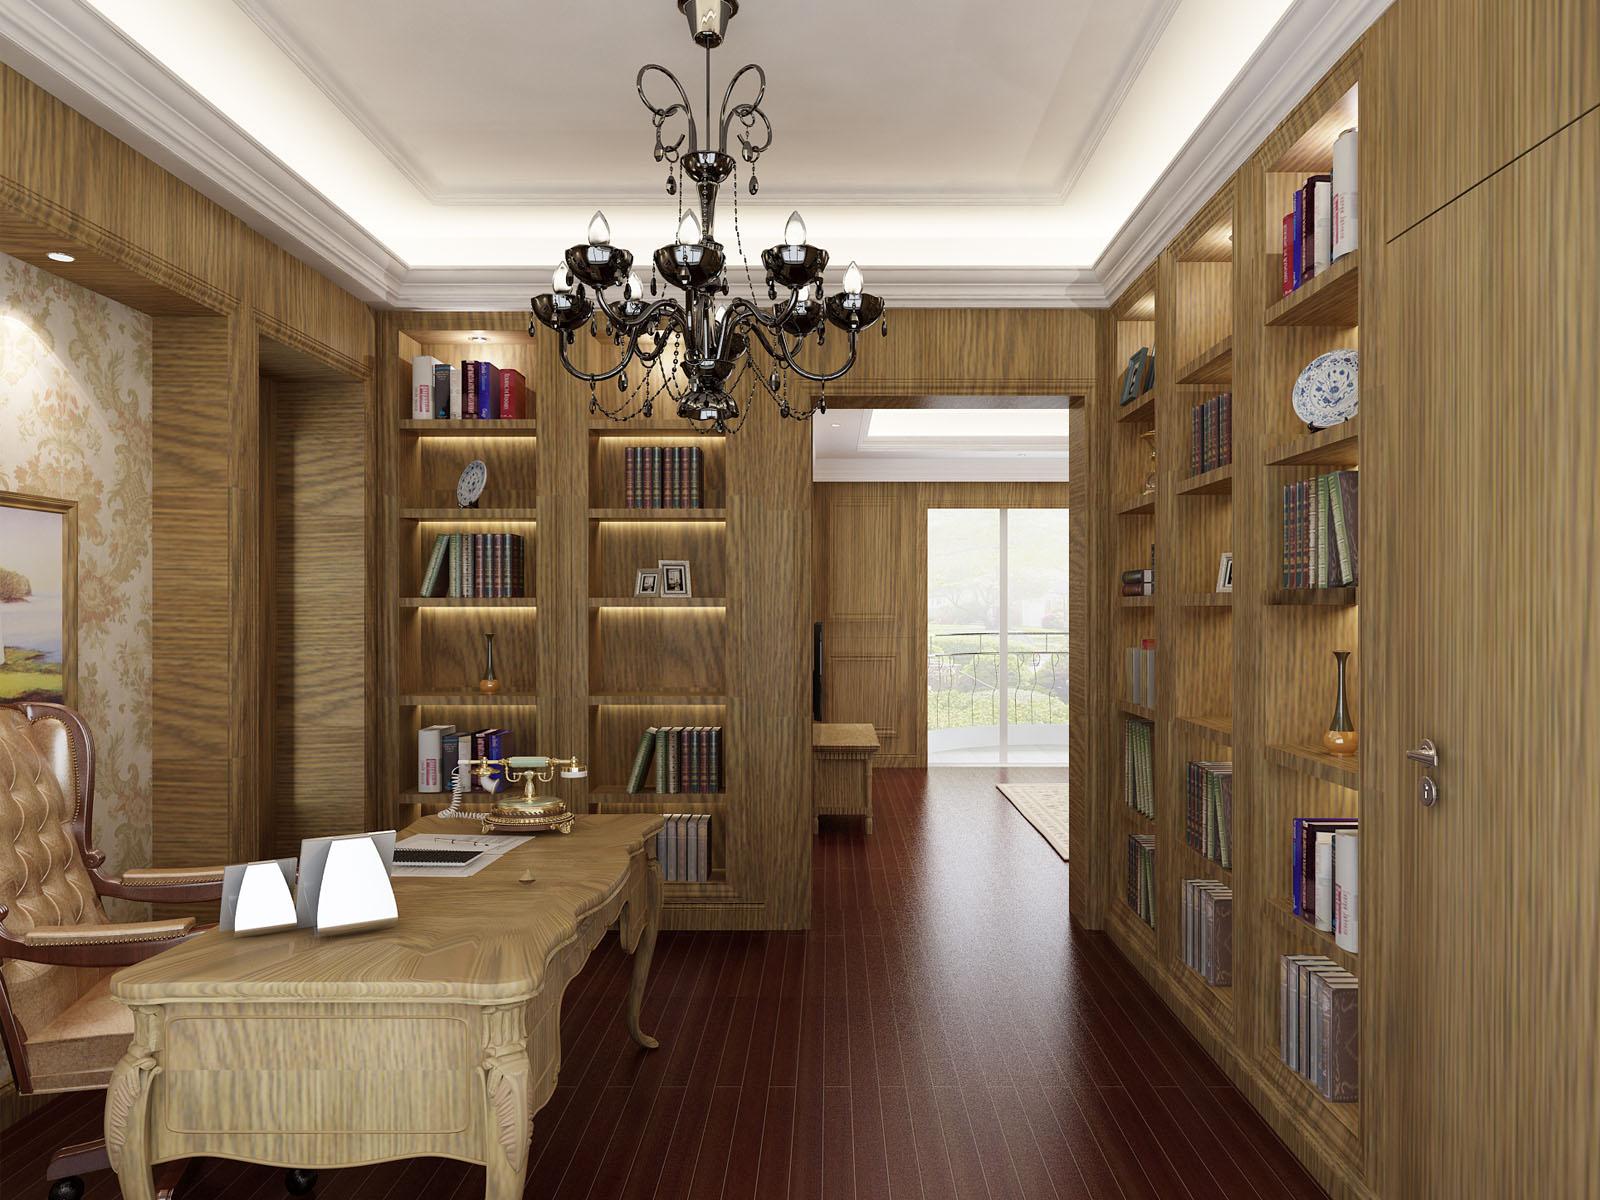 济南ktv装修设计,高水平的别墅装修设计出自玖维装饰工程